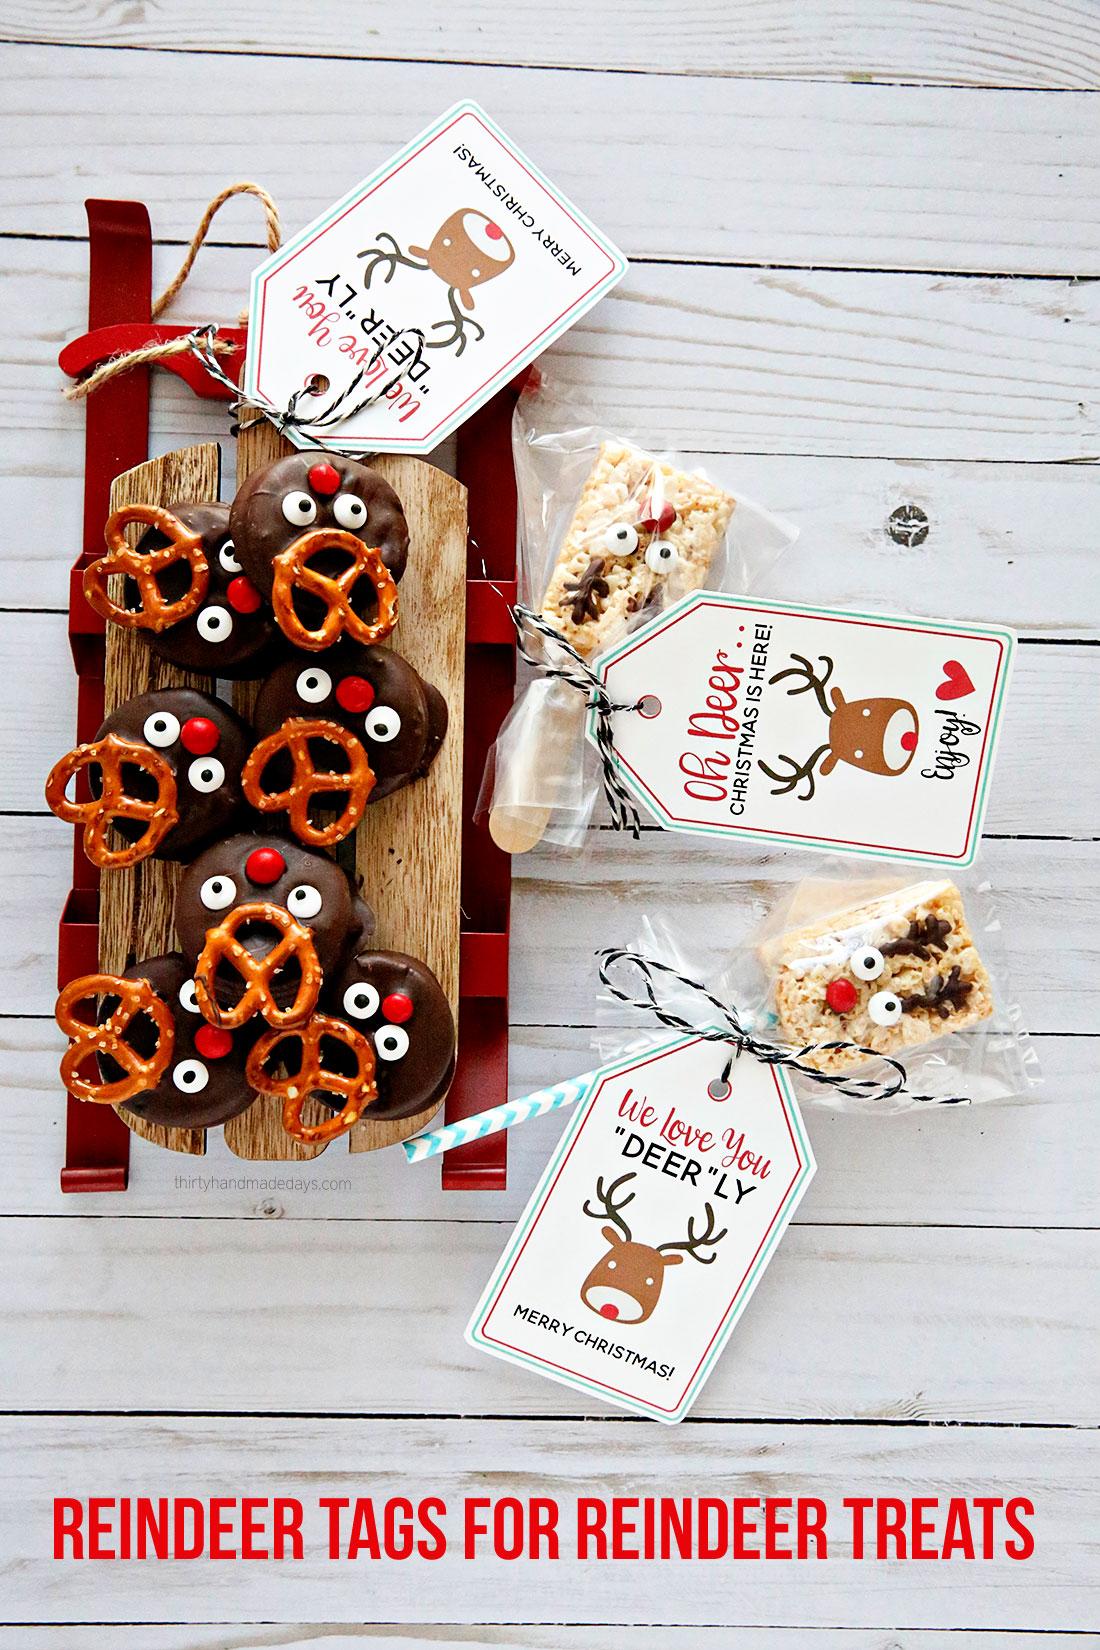 Printable Reindeer Tags for Reindeer Treats from www.thirtyhandmadedays.com